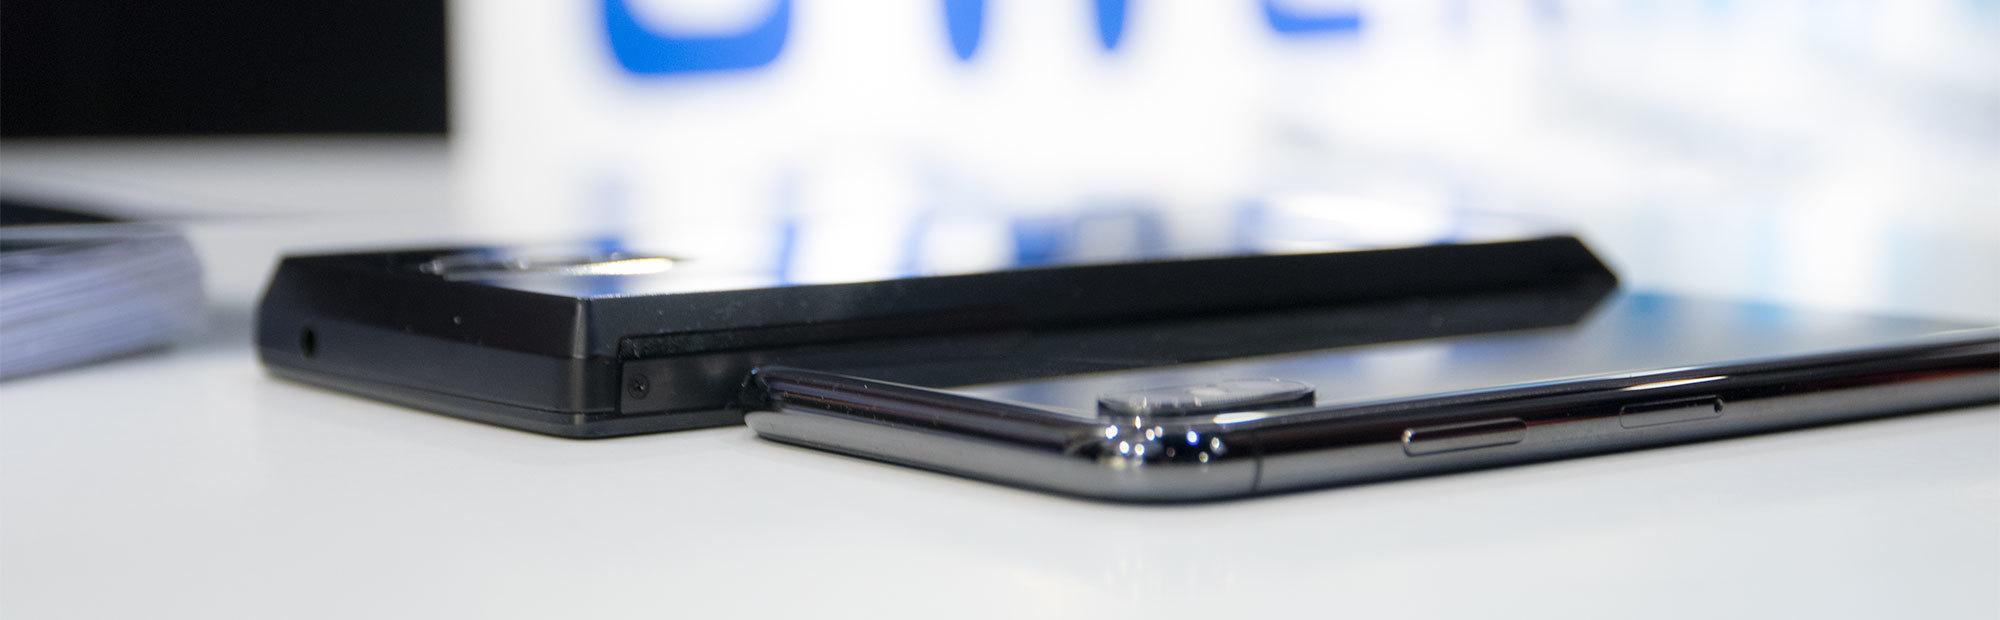 Power Max 16K Pro ved siden av en iPhone X. Den ser ut til å være omtrent dobbelt så tykk og dobbelt så tung.